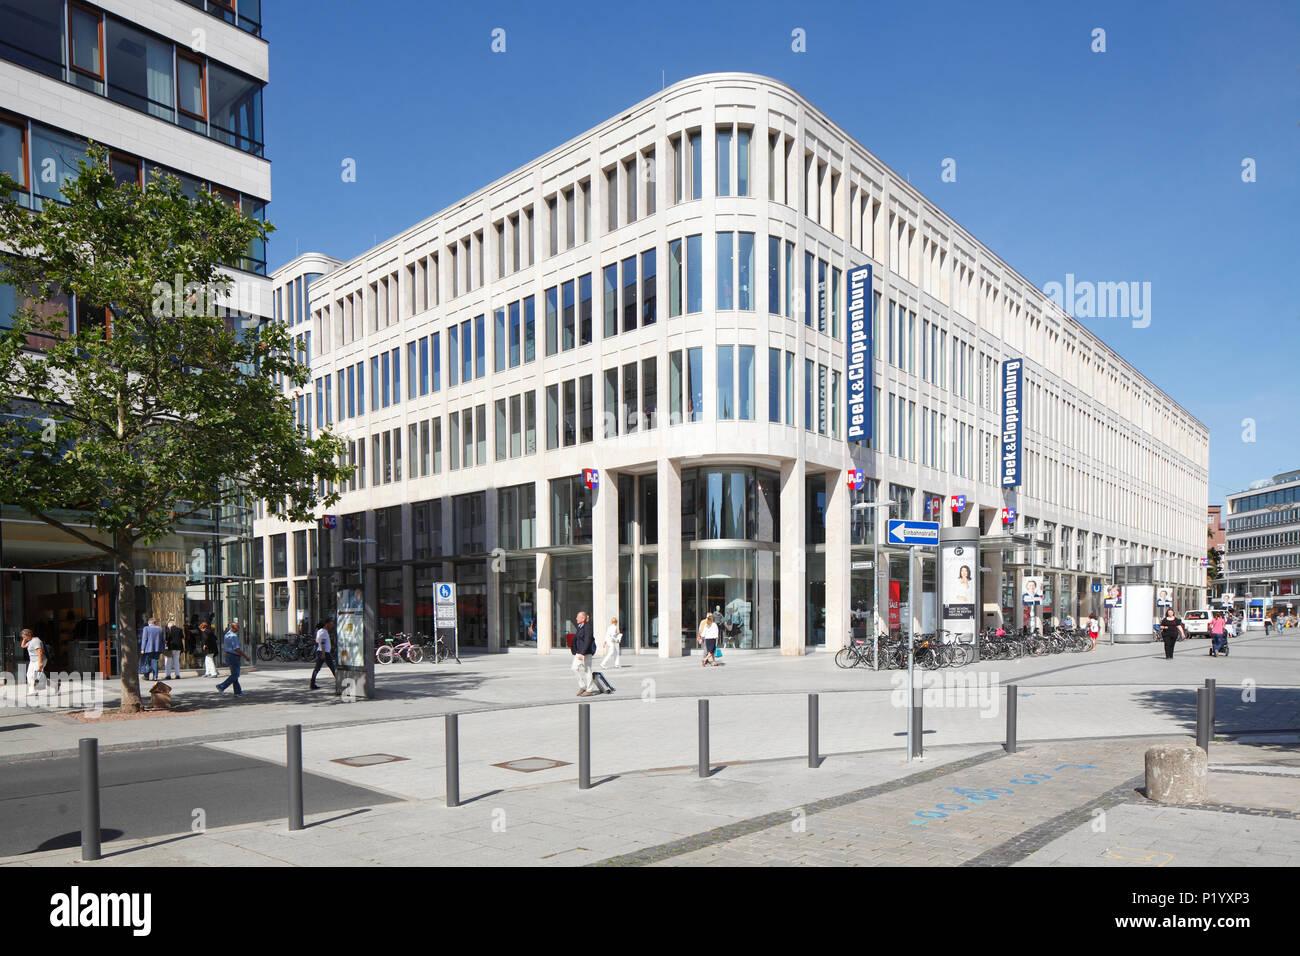 Textil Kaufhaus Peek und Cloppenburg, modernes Gebäude im Zentrum der Stadt, Hannover, Niedersachsen, Deutschland, Europa ich Textilkaufhaus Stockfoto